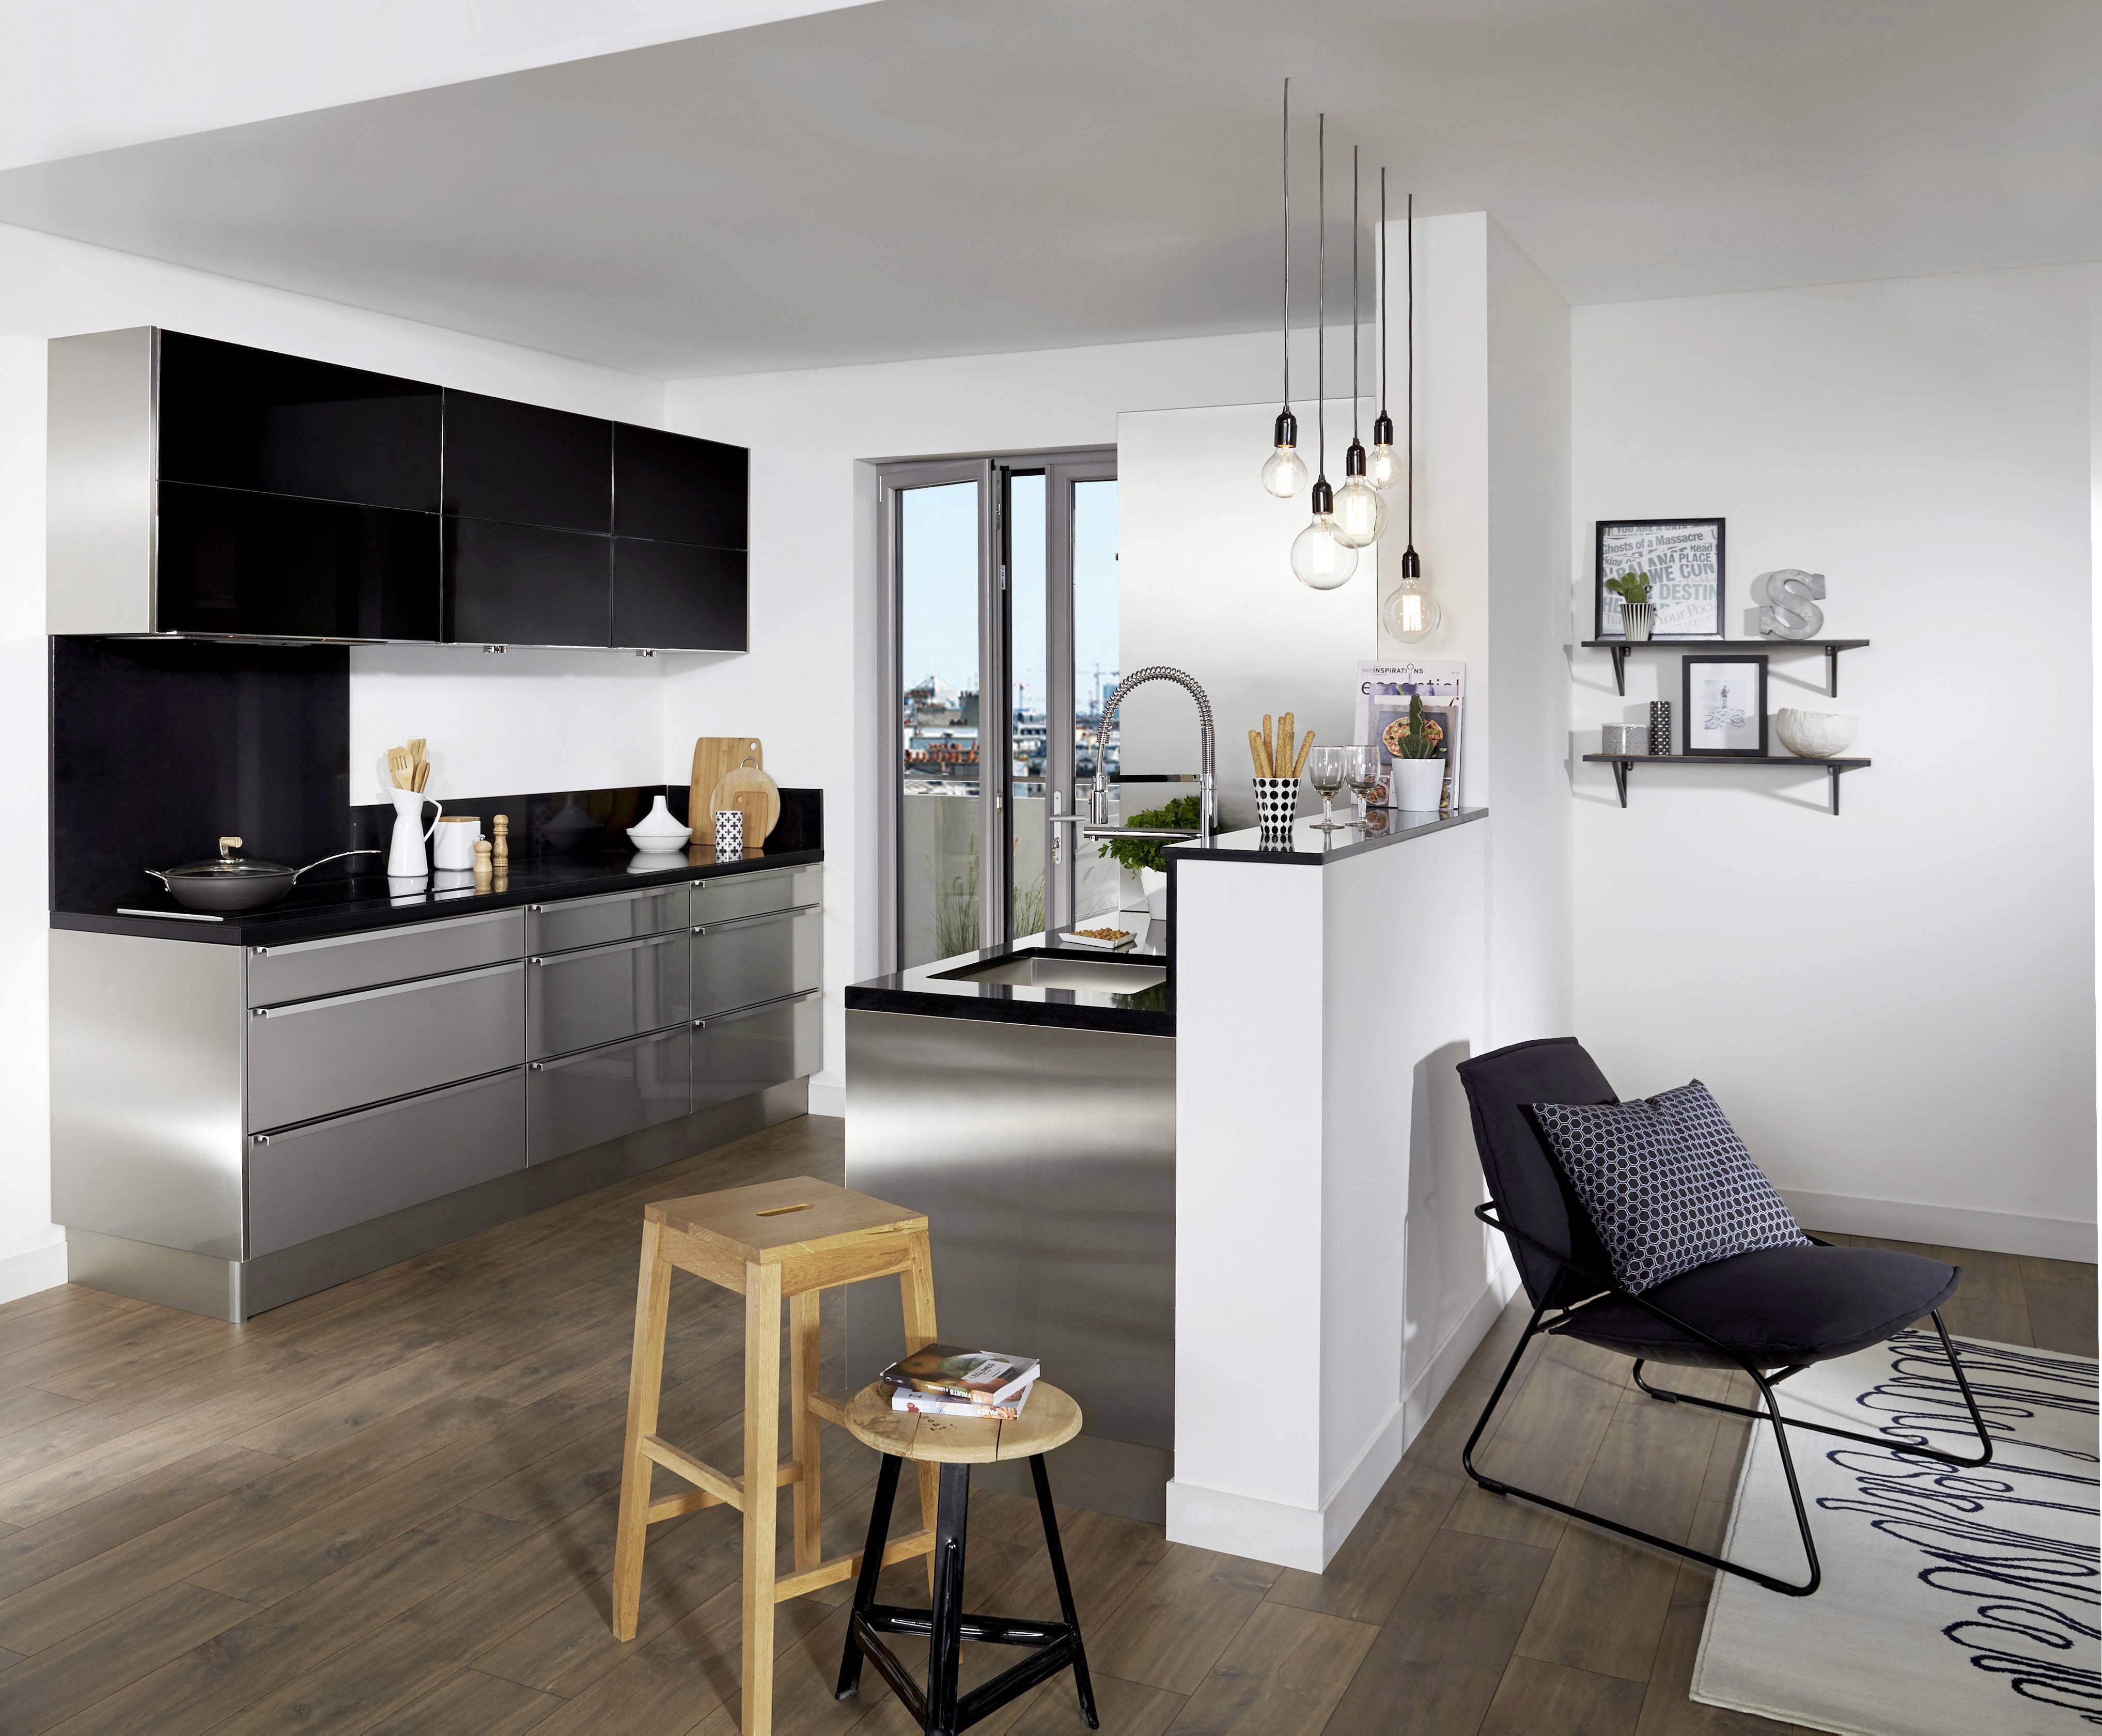 cuisine inox fr d ric anton pour lapeyre des cuisines modernes d exception pour fins gourmets. Black Bedroom Furniture Sets. Home Design Ideas